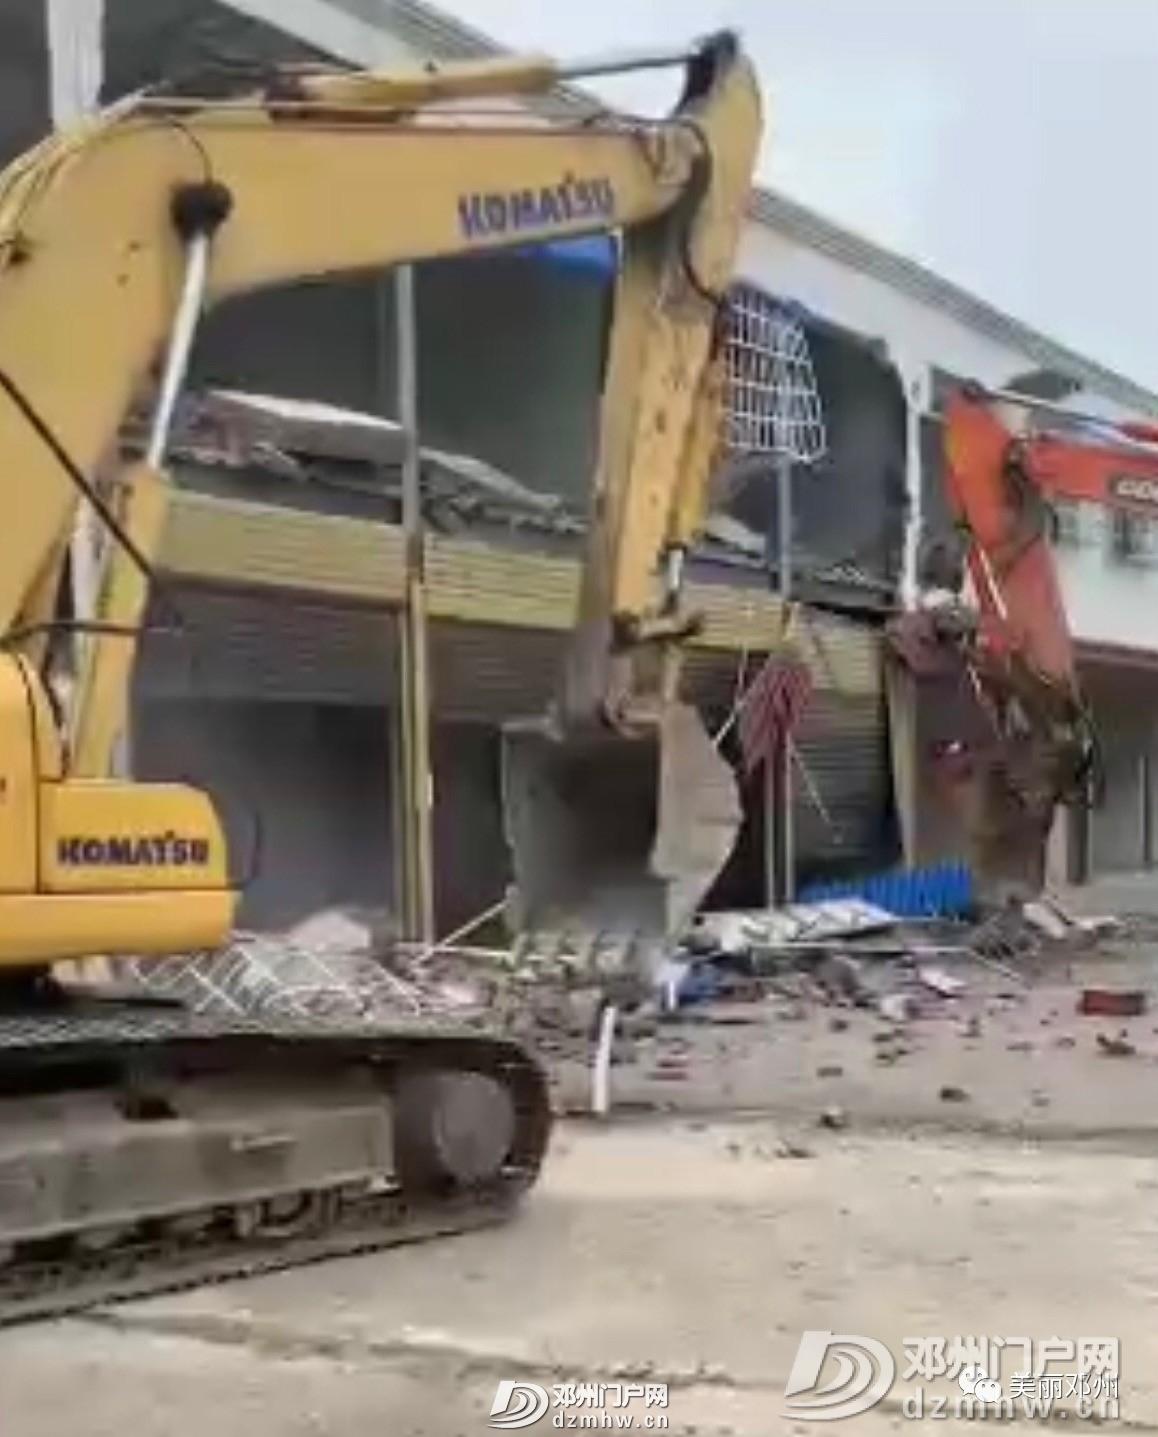 拆!拆!拆!邓州一孔桥旁已建成两年小区被强制拆除! - 邓州门户网|邓州网 - 755cc6ecaf65869ce14d3b16fc7a132d.jpg